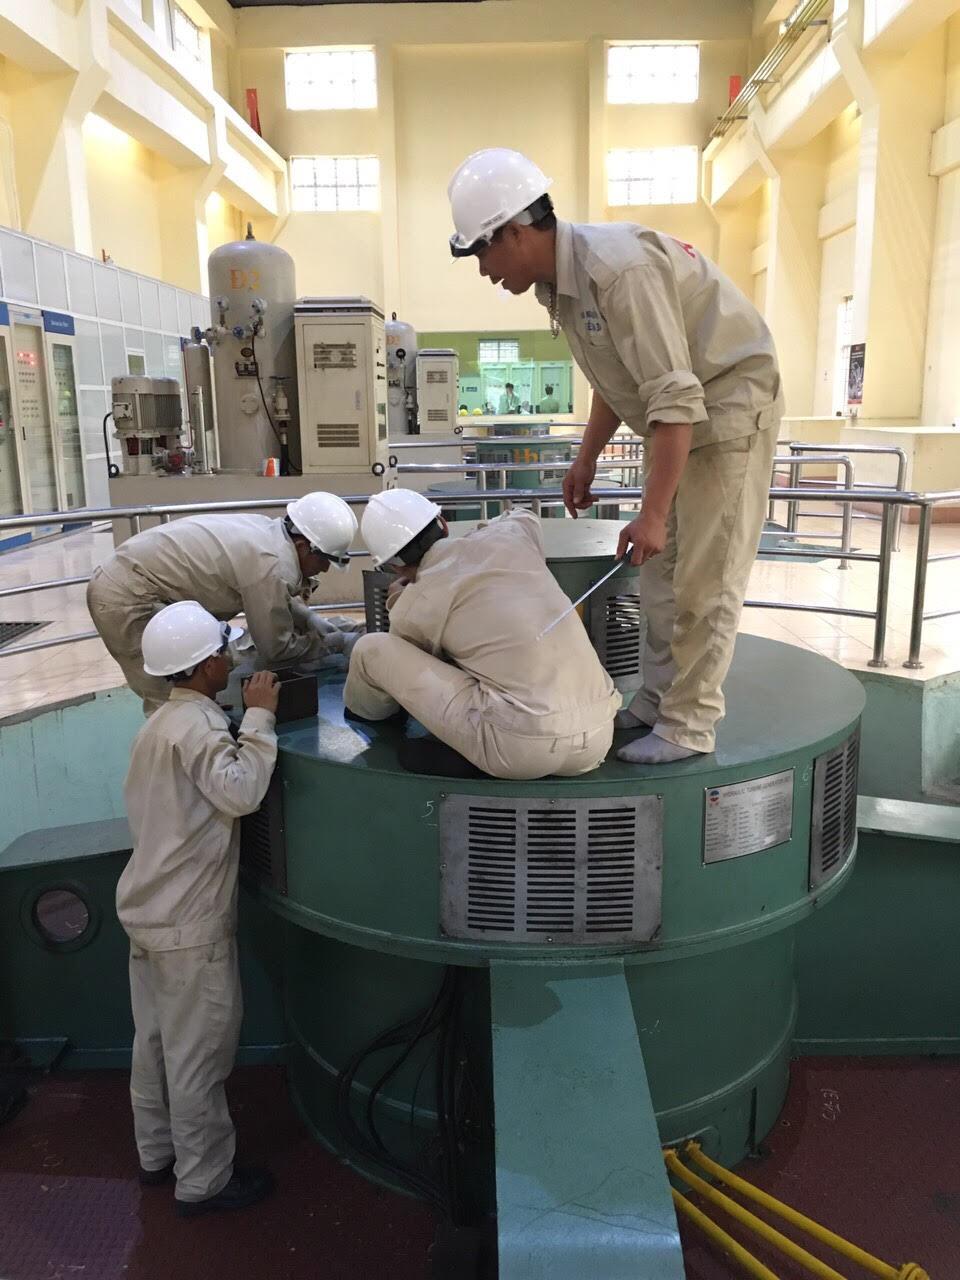 Sê San 3A hoàn thành dịch vụ trung tu sửa chữa, bảo dưỡng định kỳ thiết bị Nhà máy thủy điện Sông Ông